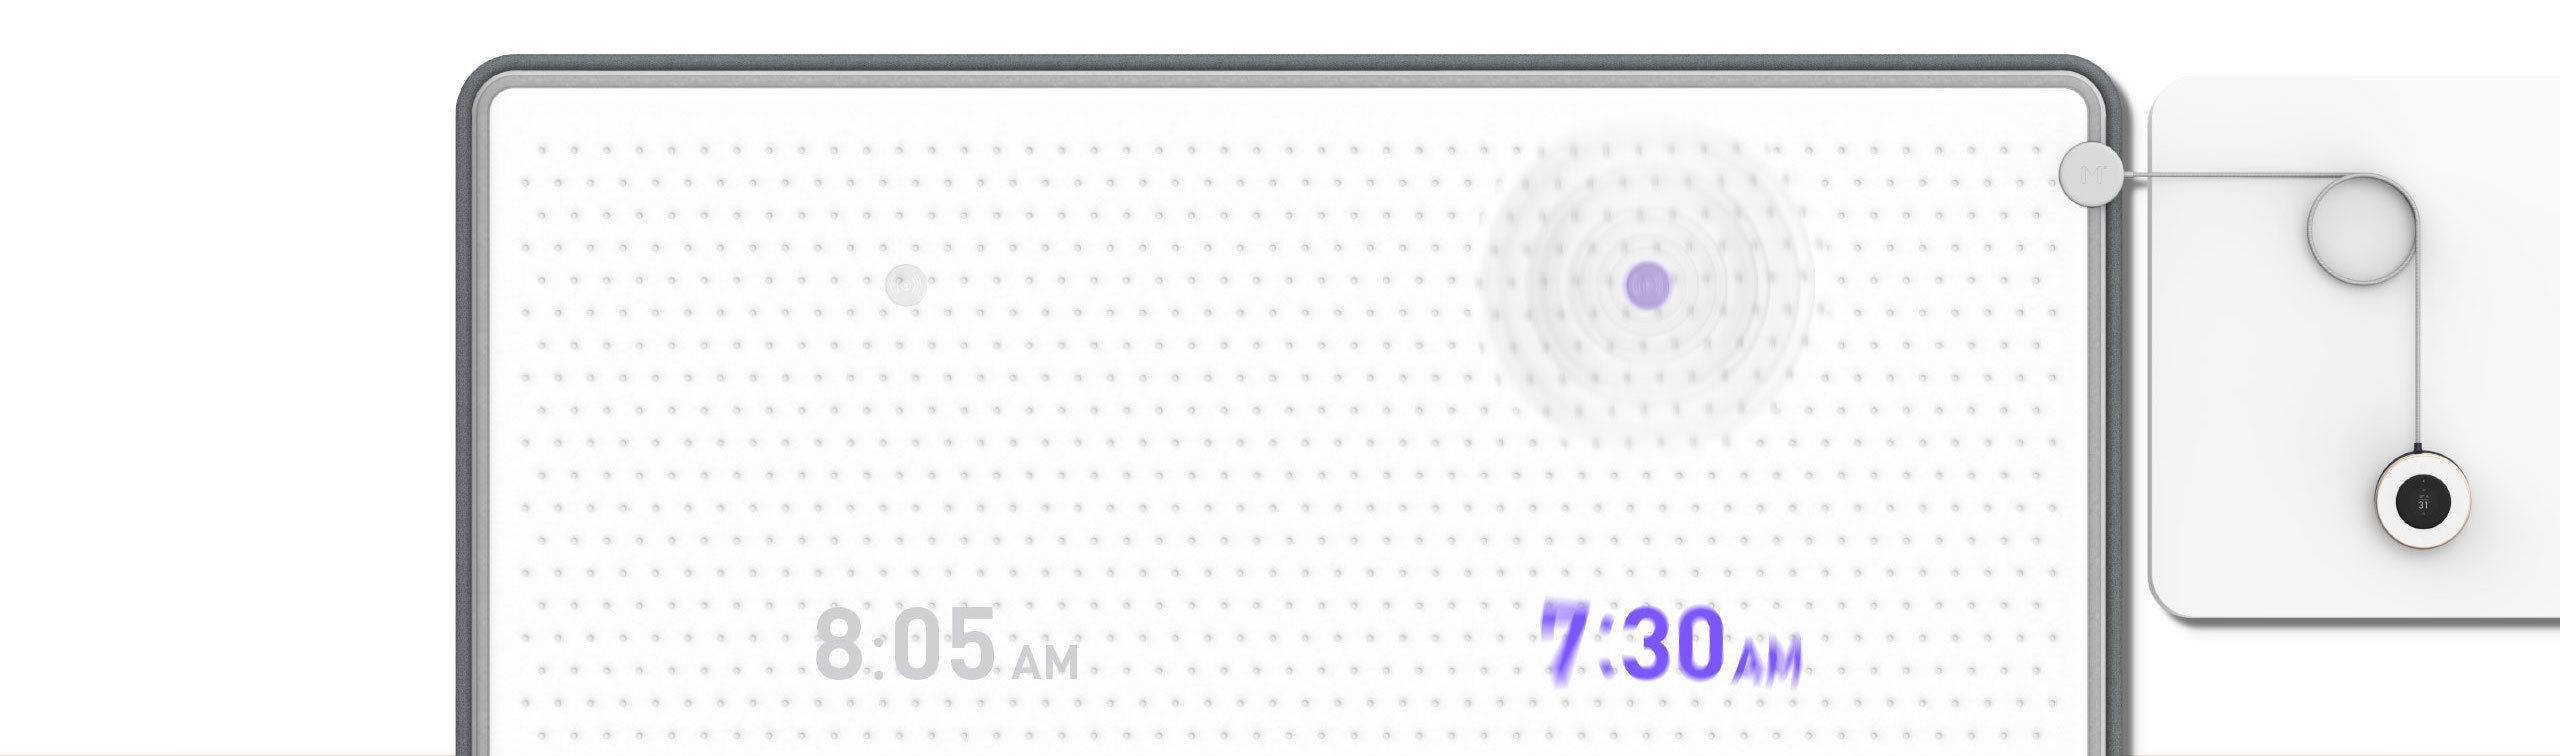 alarm-bg.jpg